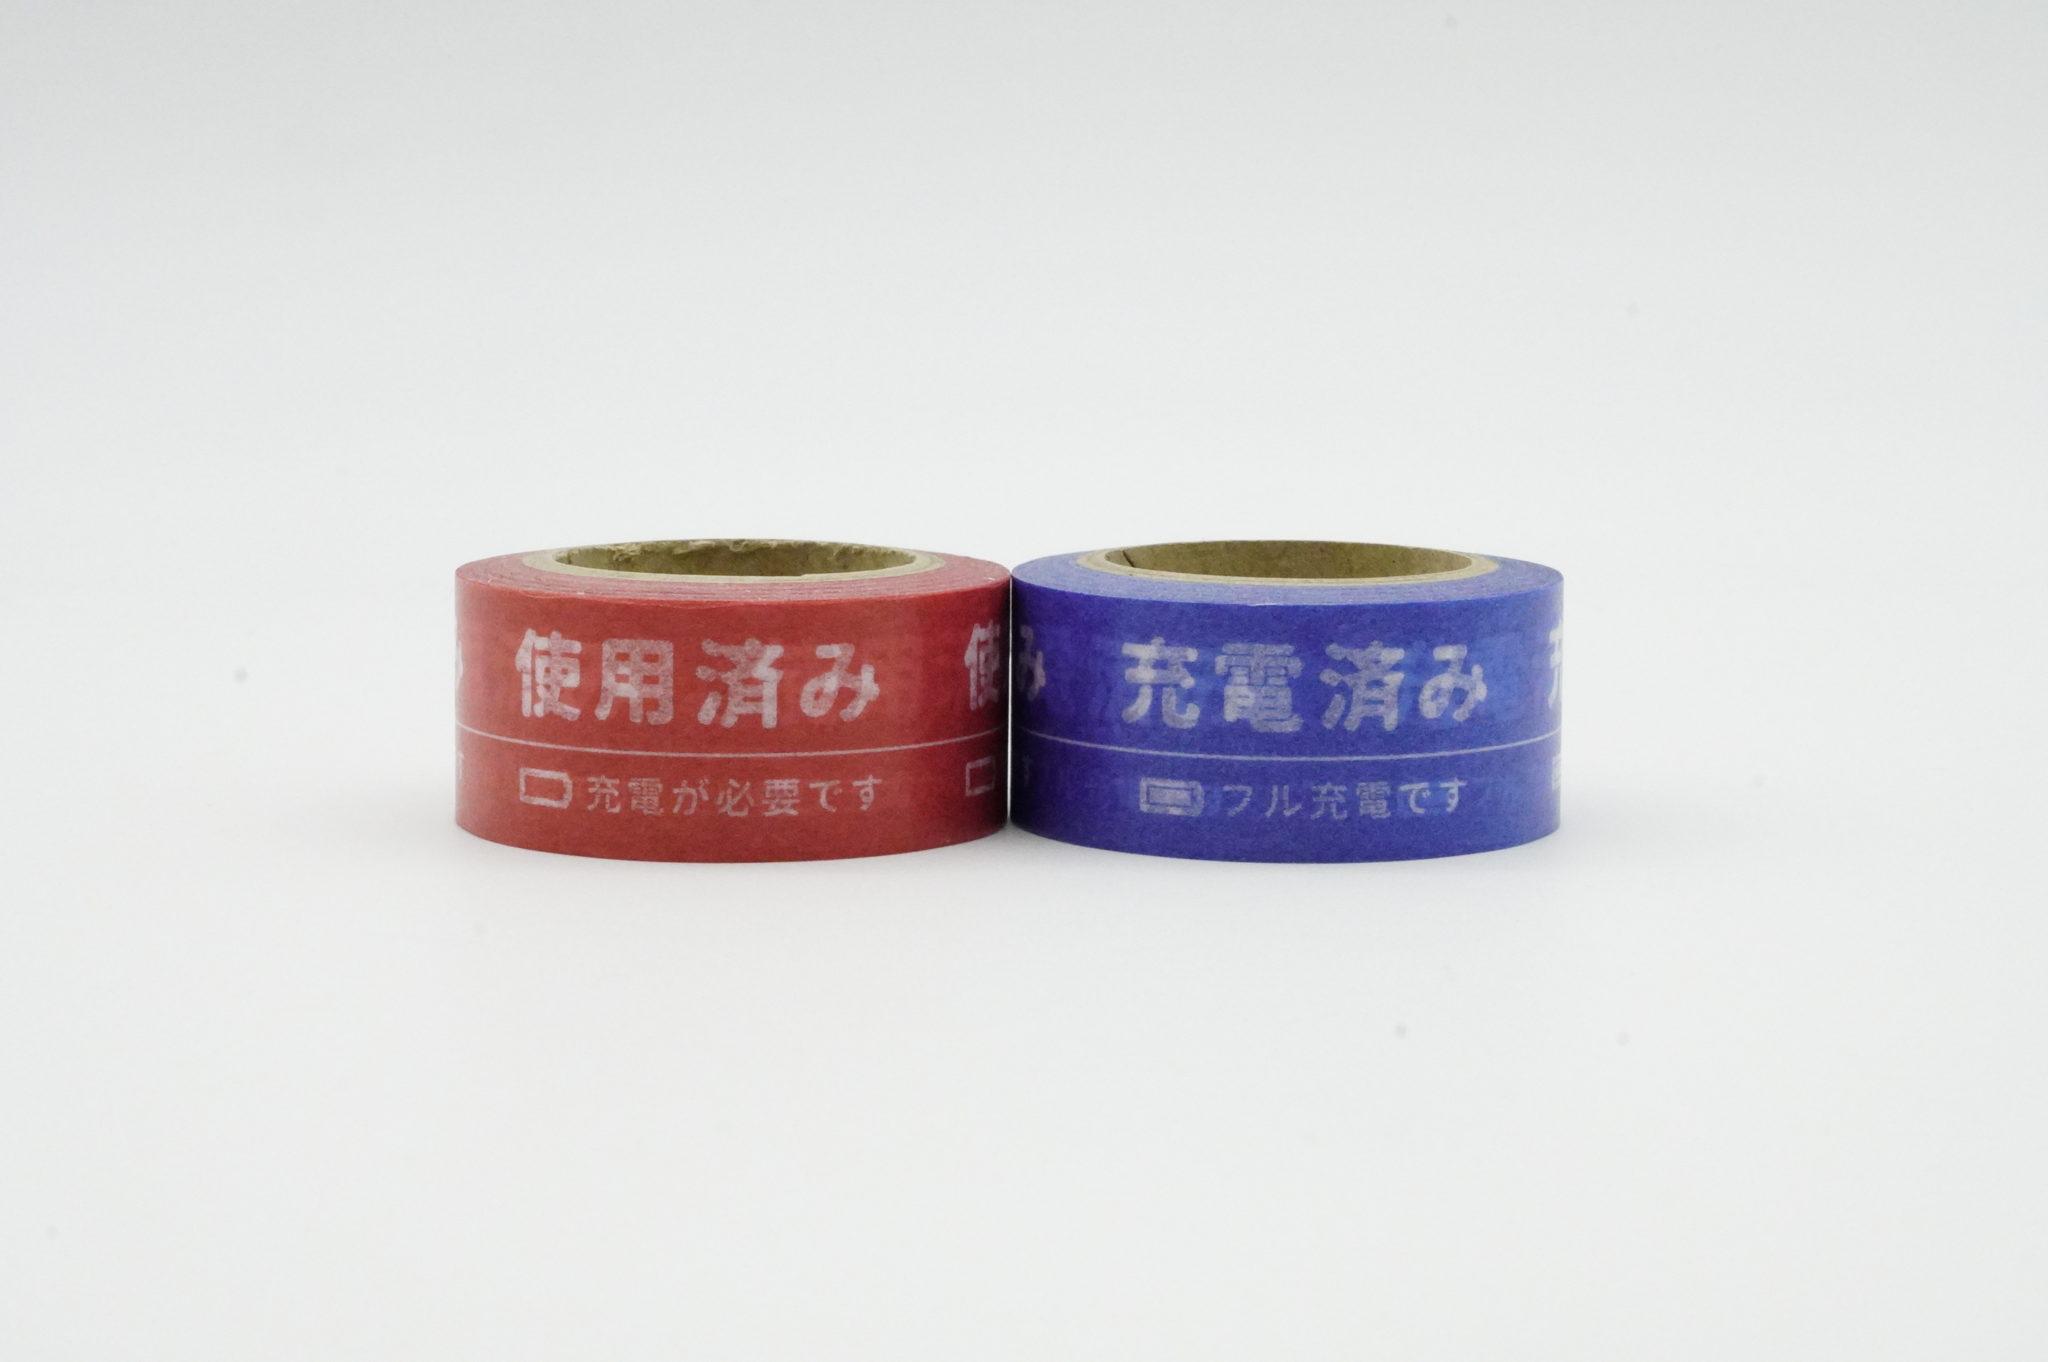 オリジナル マスキングテープ